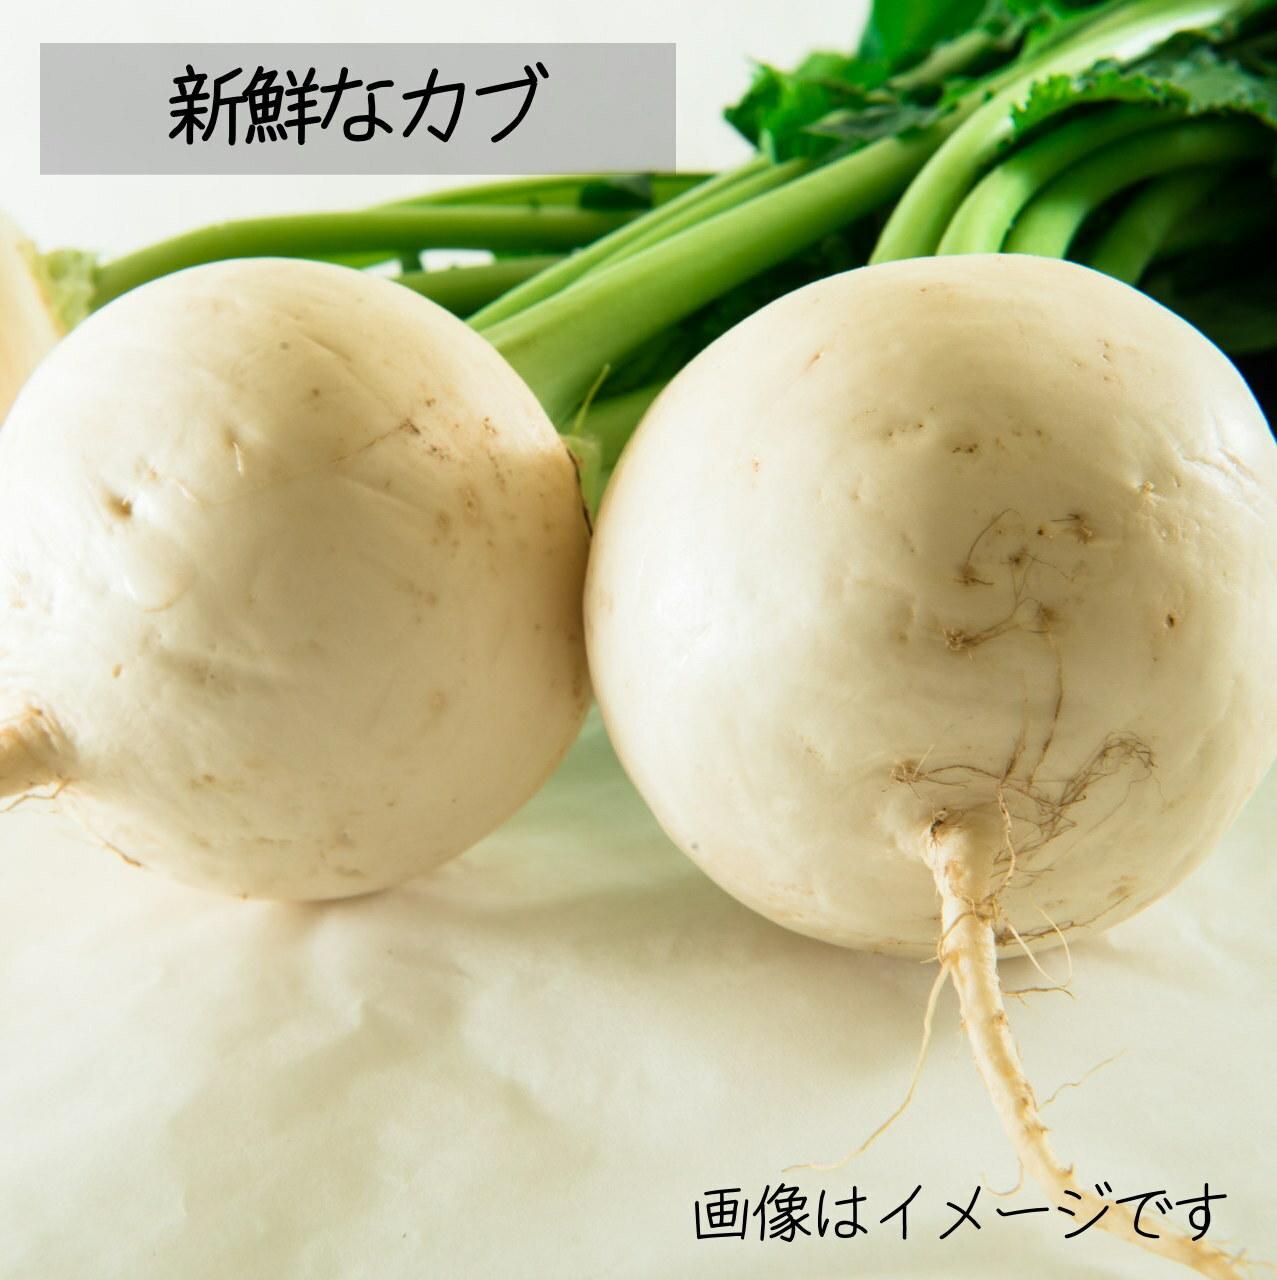 5月の朝採り直売野菜 カブ 4~5個 春の新鮮野菜 5月15日発送予定